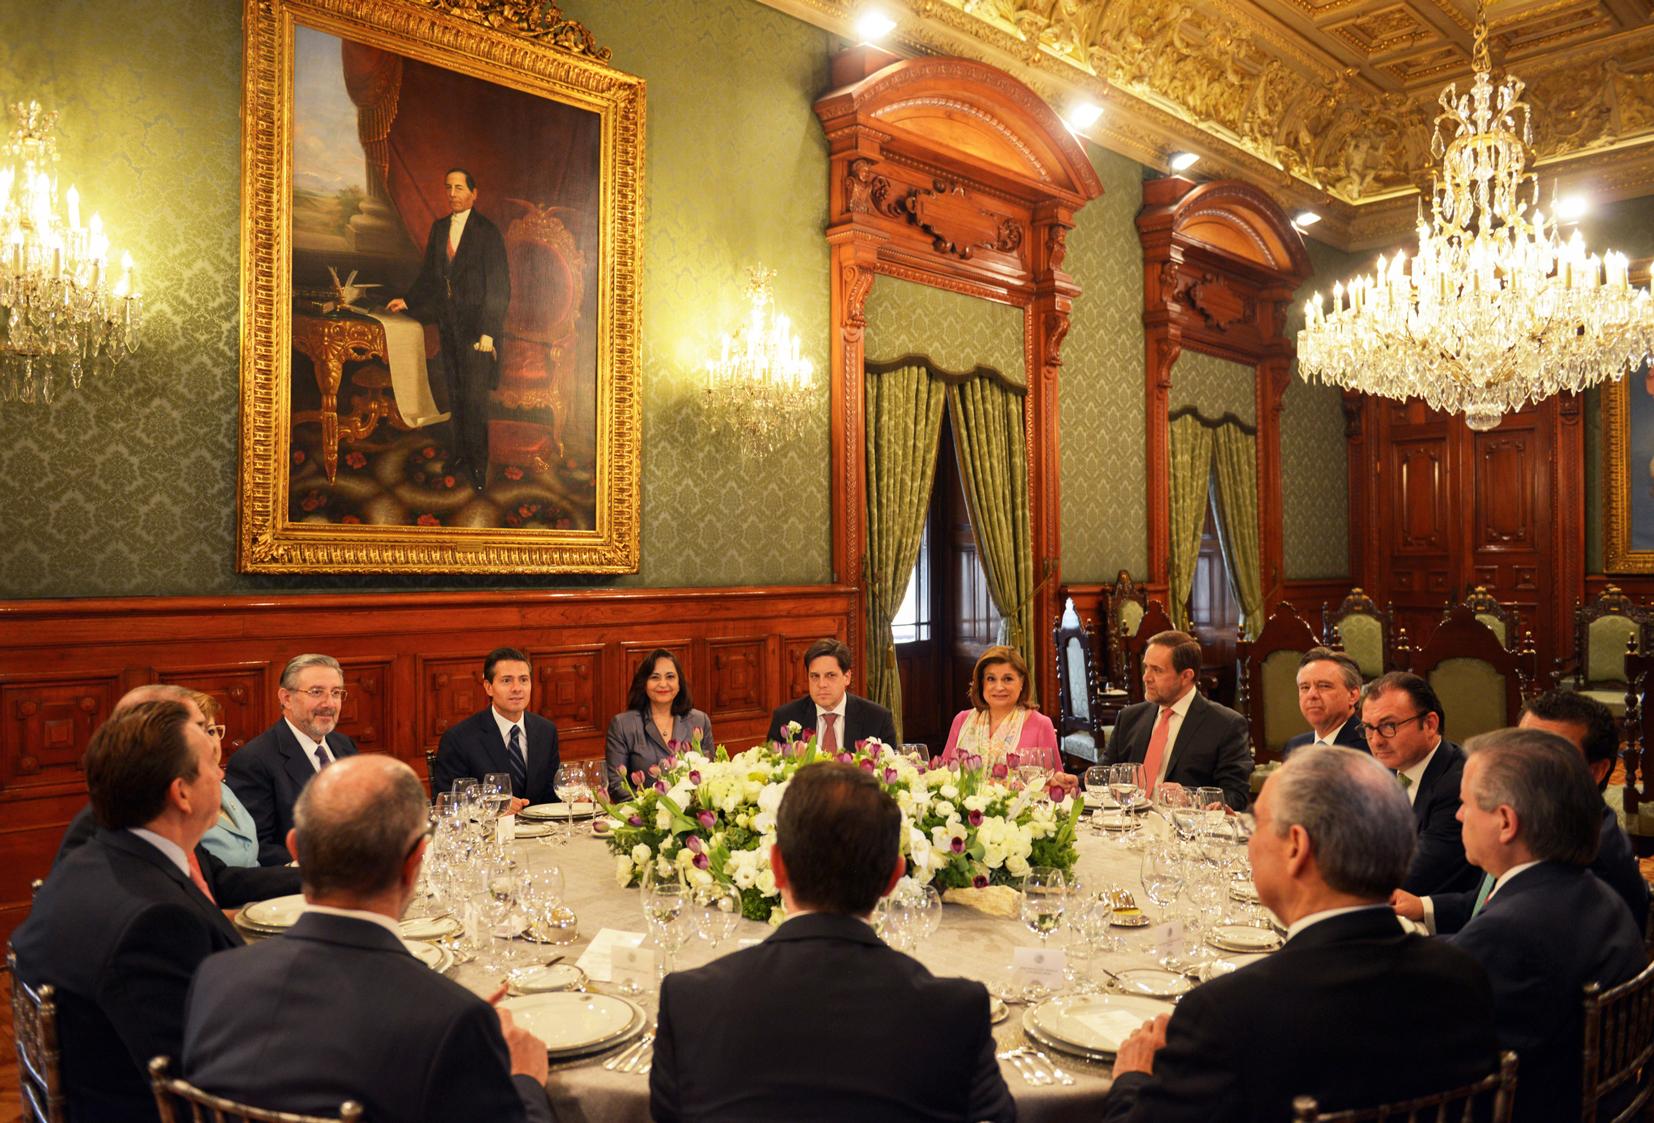 El Primer Mandatario en reunión con los Ministros de la SCJN en el Salón Embajadores de Palacio Nacional.